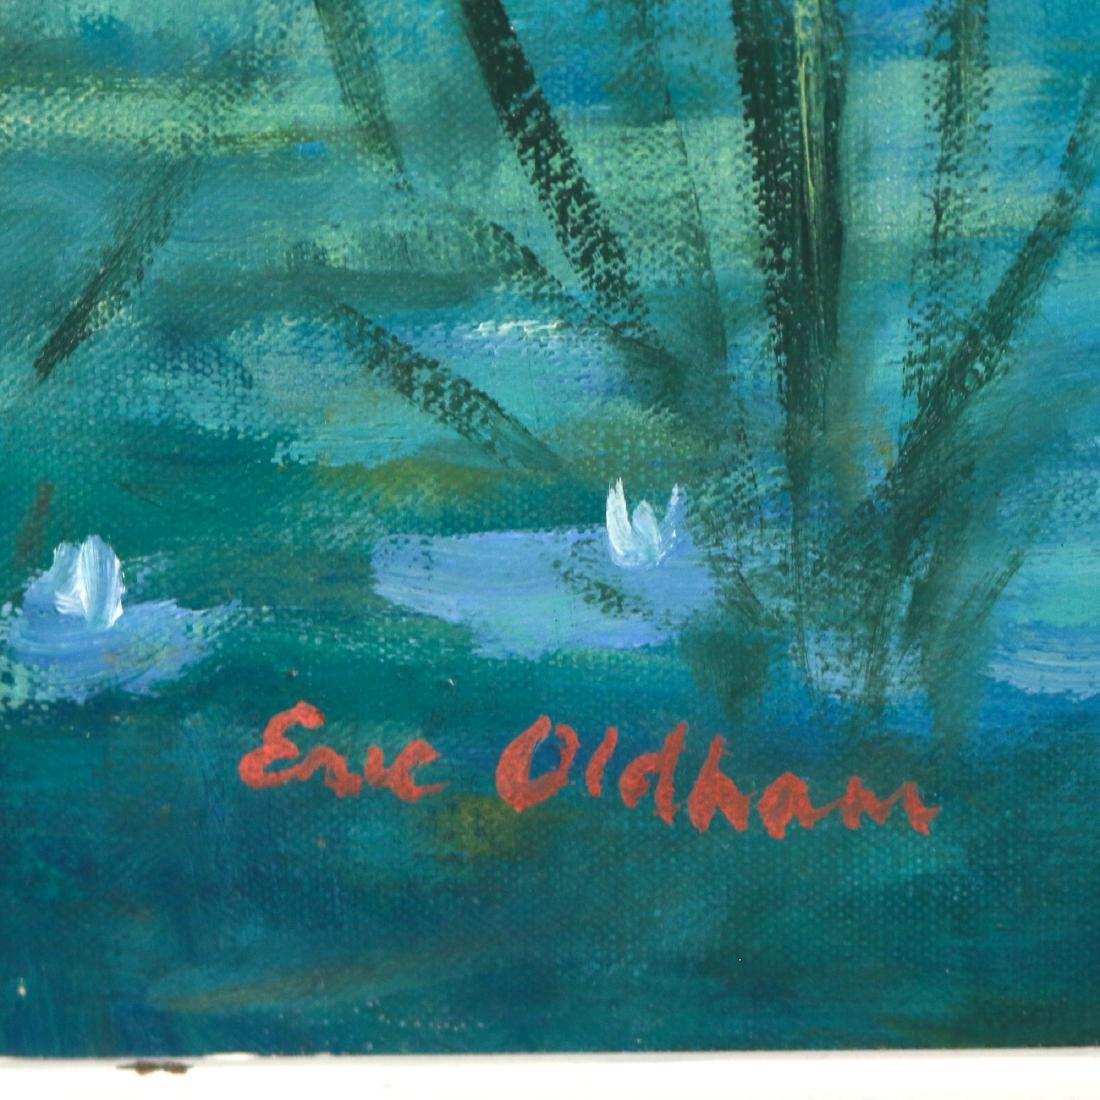 ERIC OLDHAM (American, 20th c.) - 3